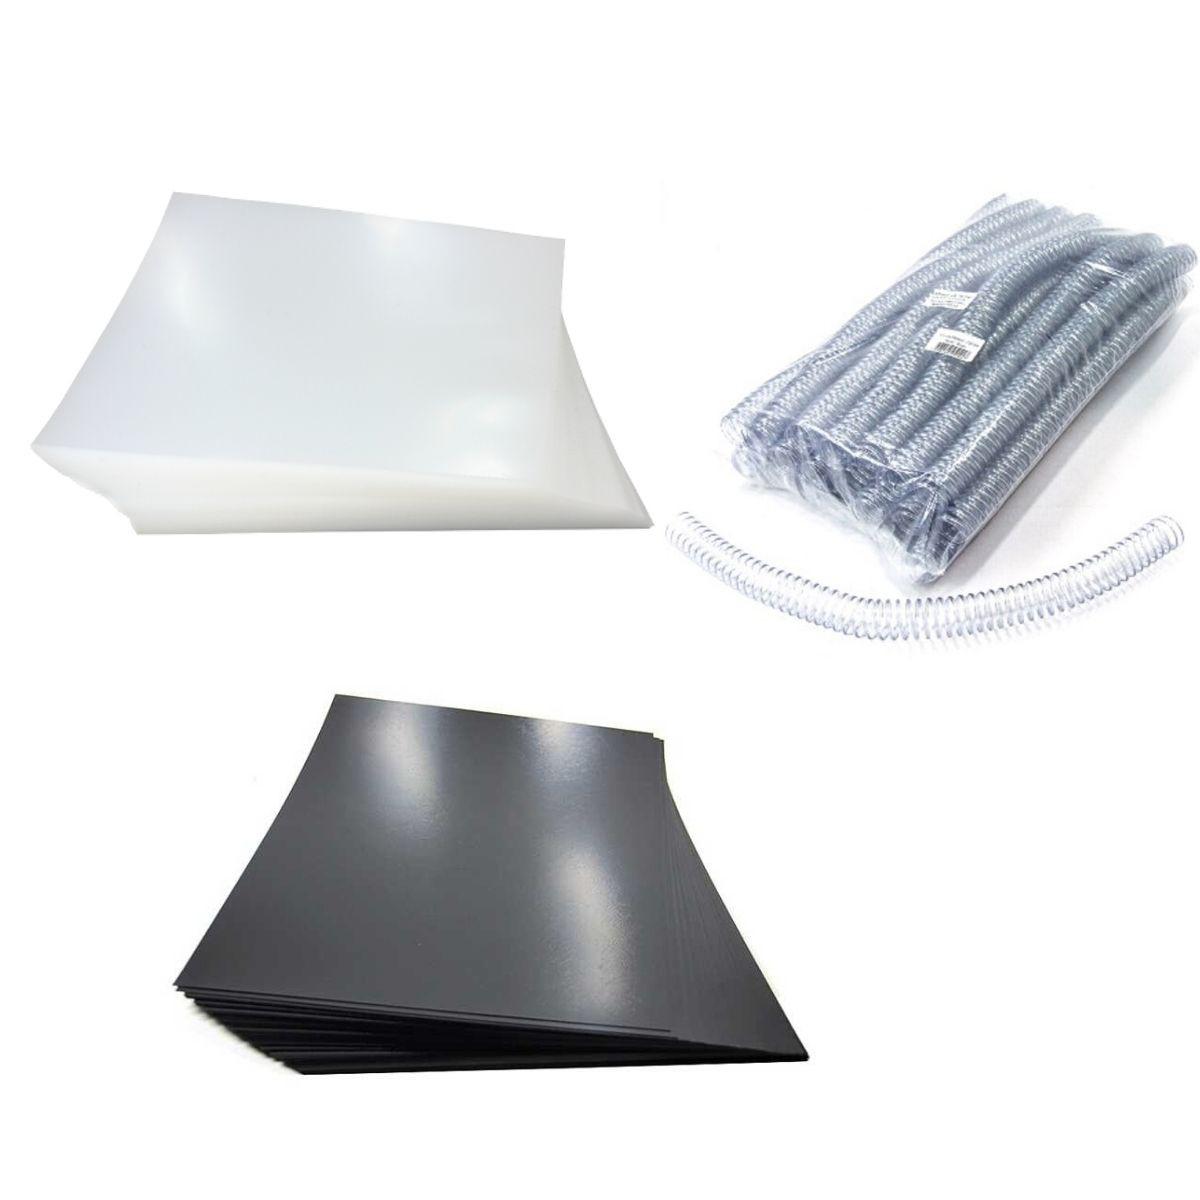 Kit 200 Capas e 80 Espirais Transparentes para Encadernação 20mm até 120 Folhas  - Click Suprimentos